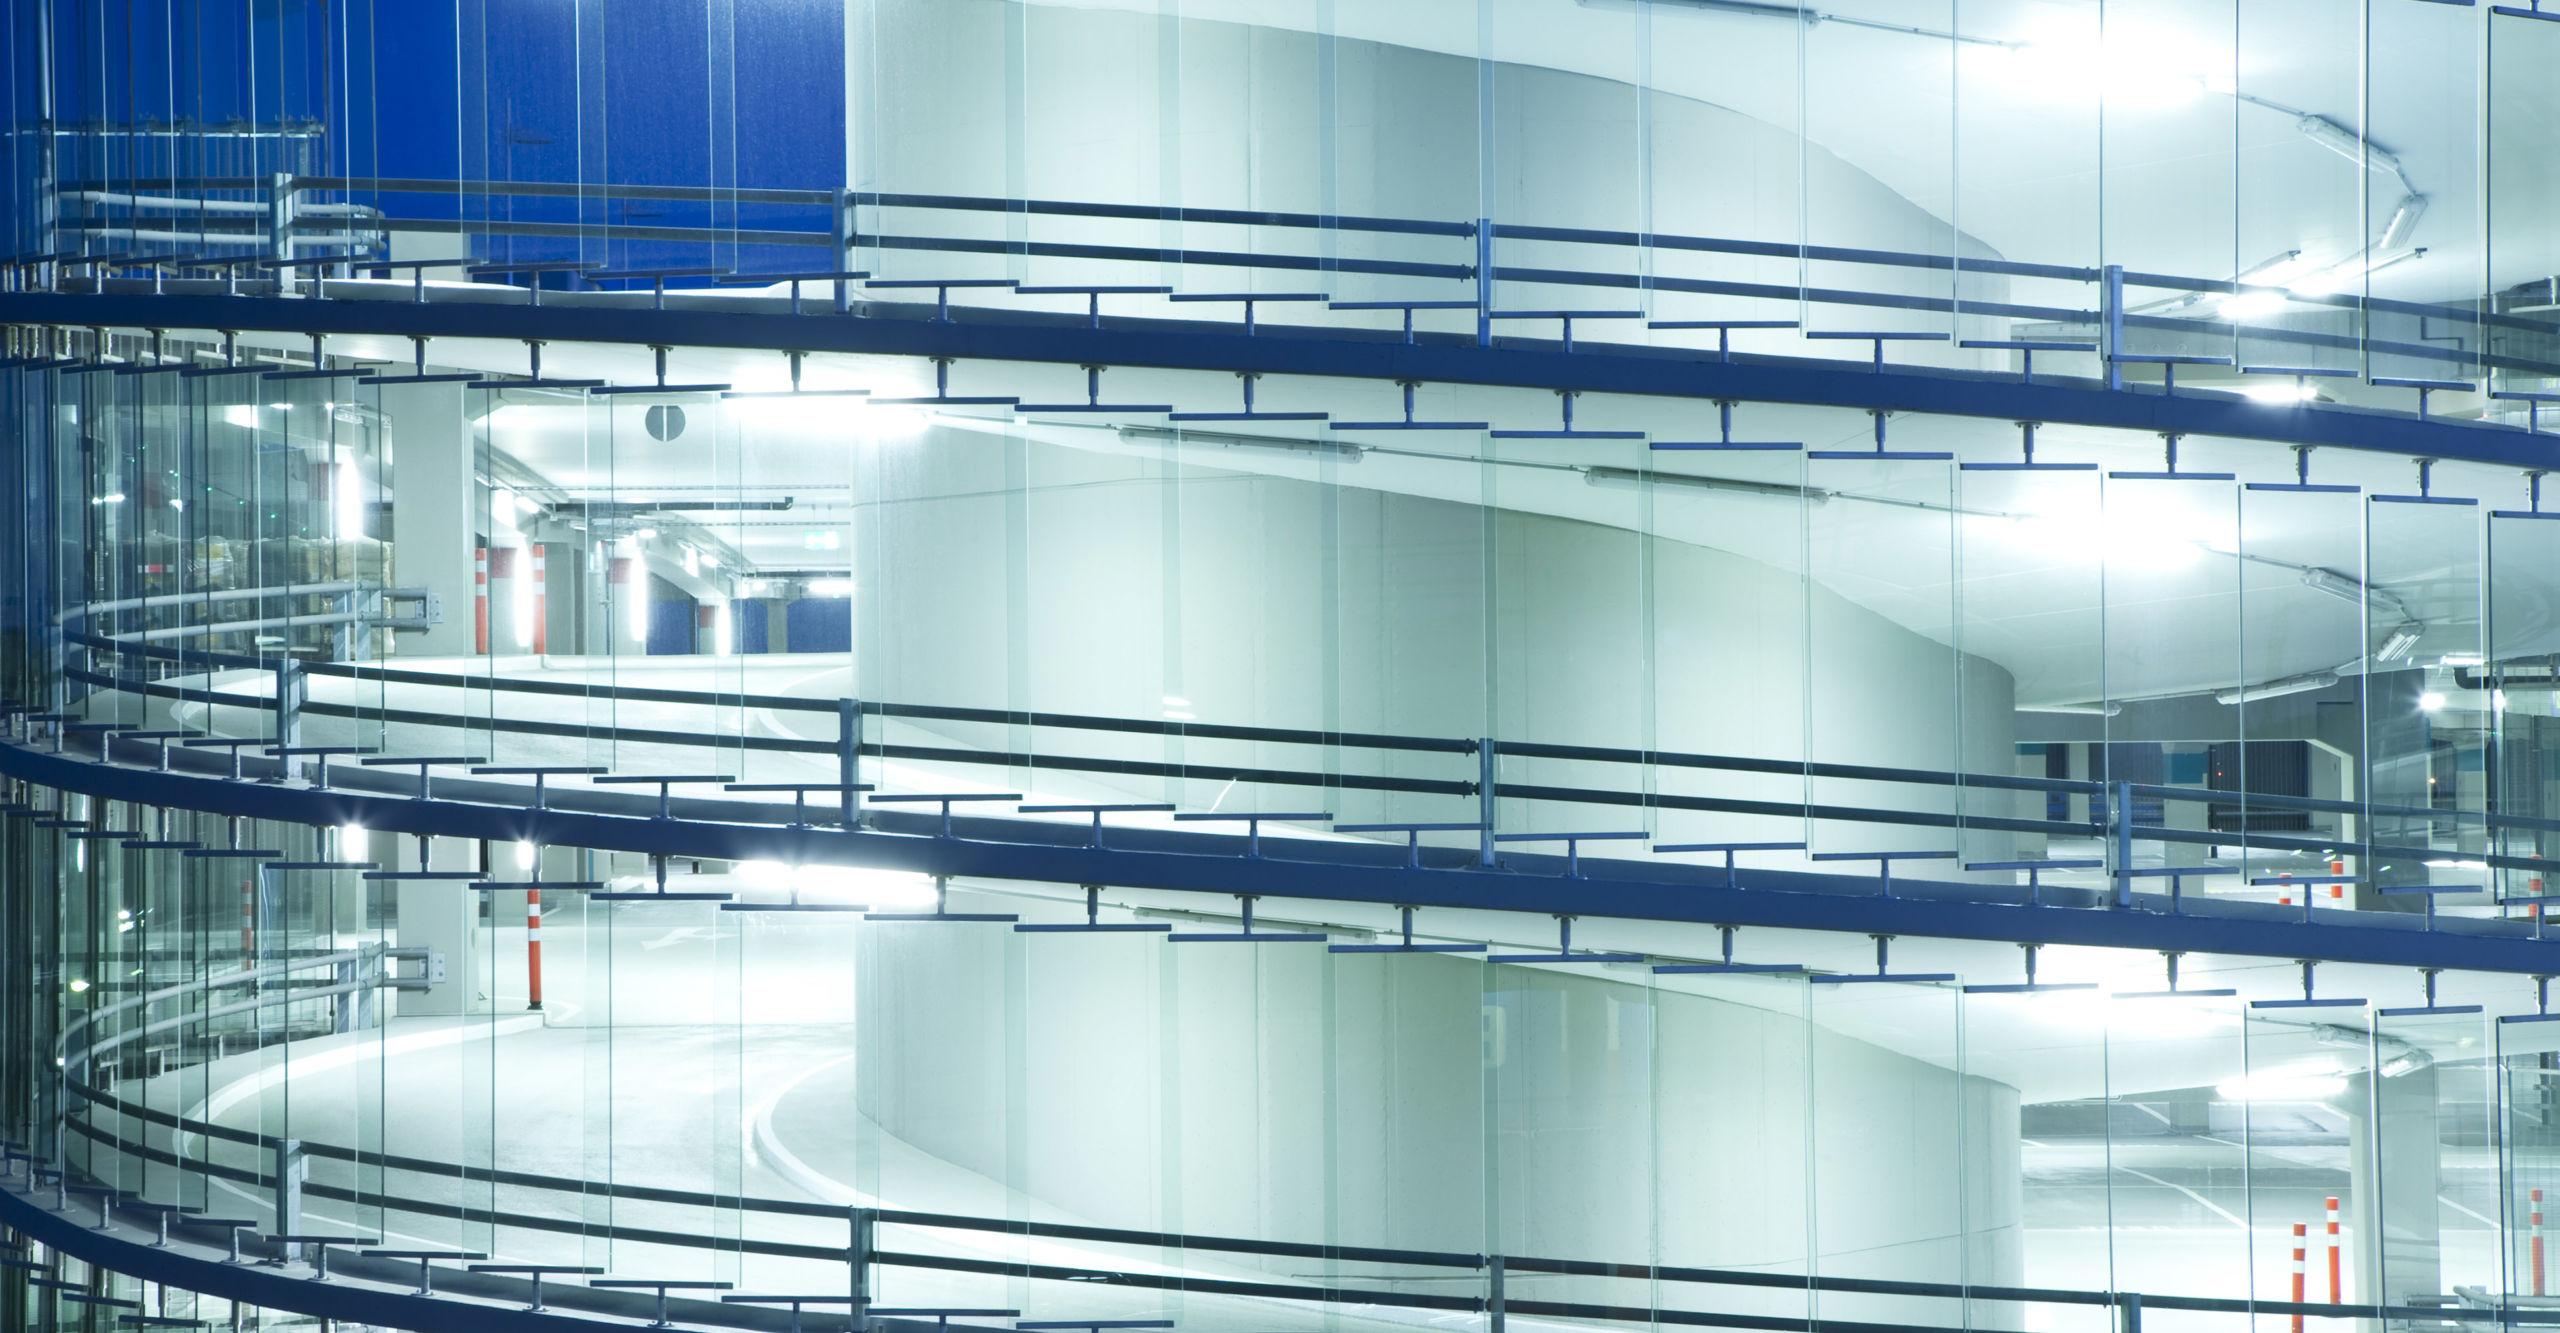 Carpark ALPR Solutions Vaxtor Spain